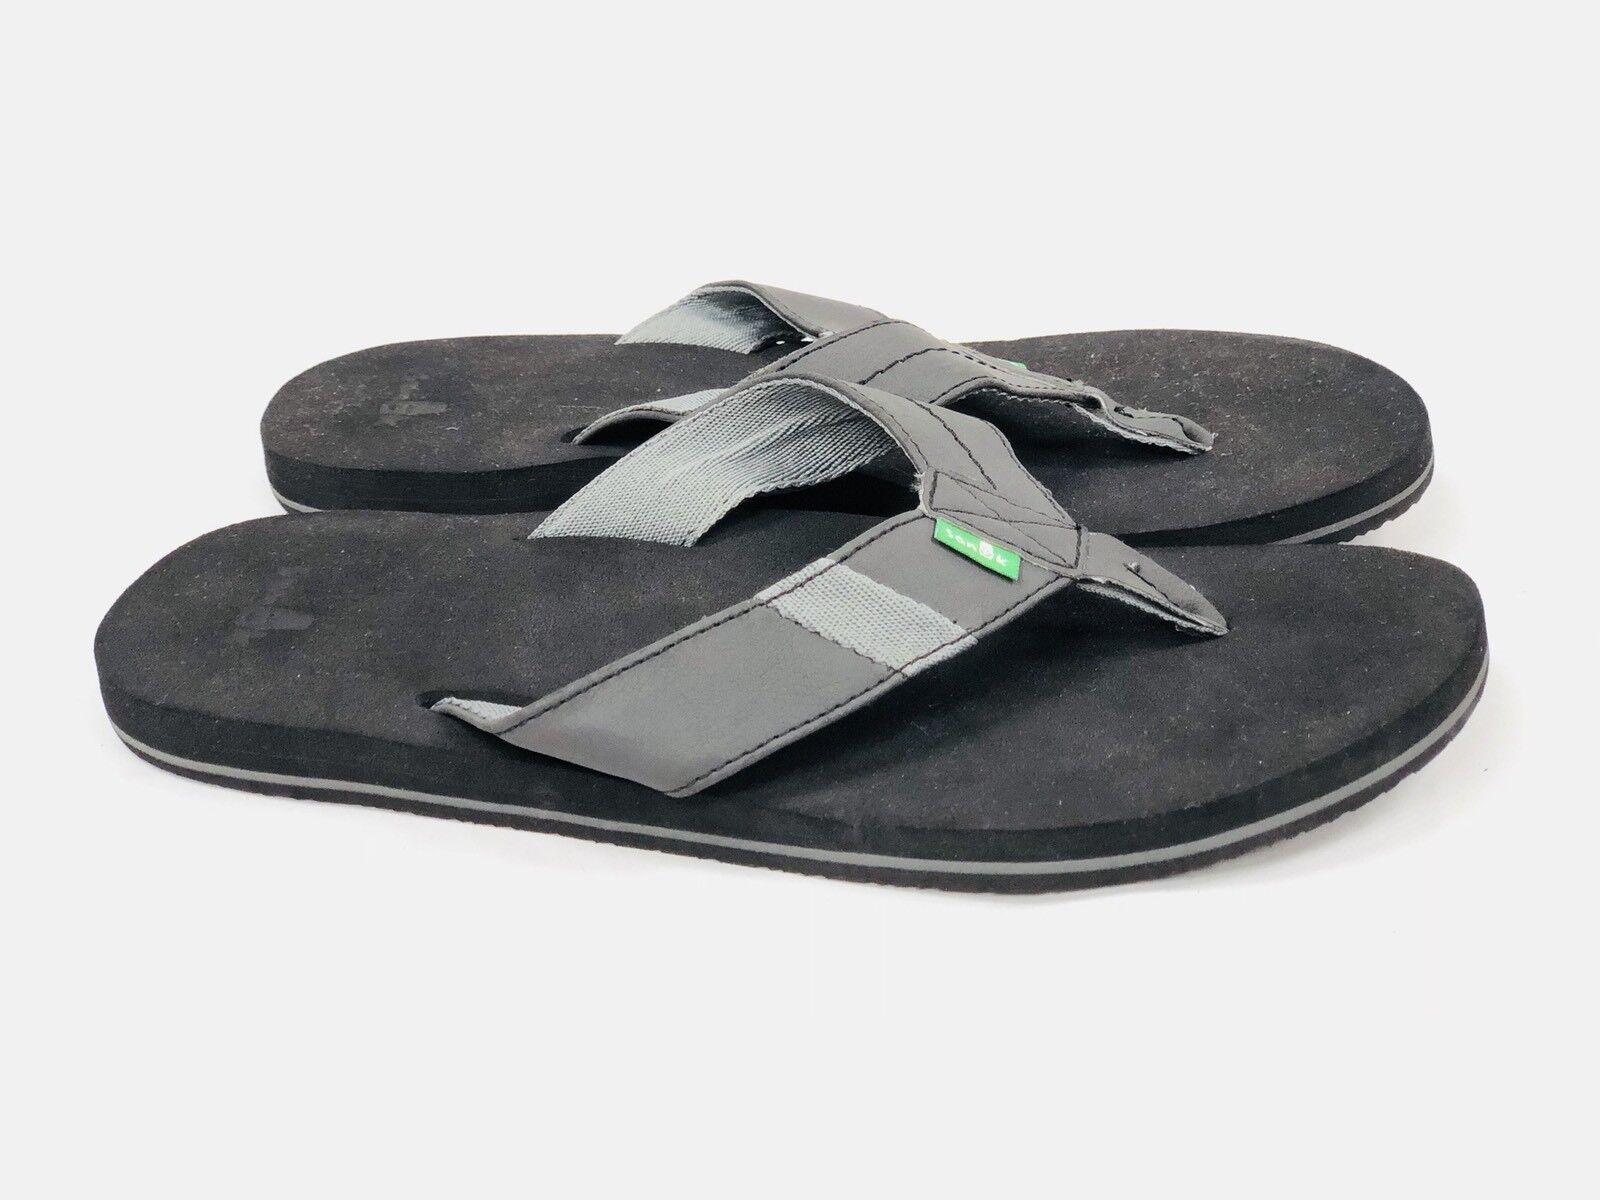 Sanuk Men's Jet Stream Flip Flop Black SSMS10544 Slip On Yoga Mat Cushioning New